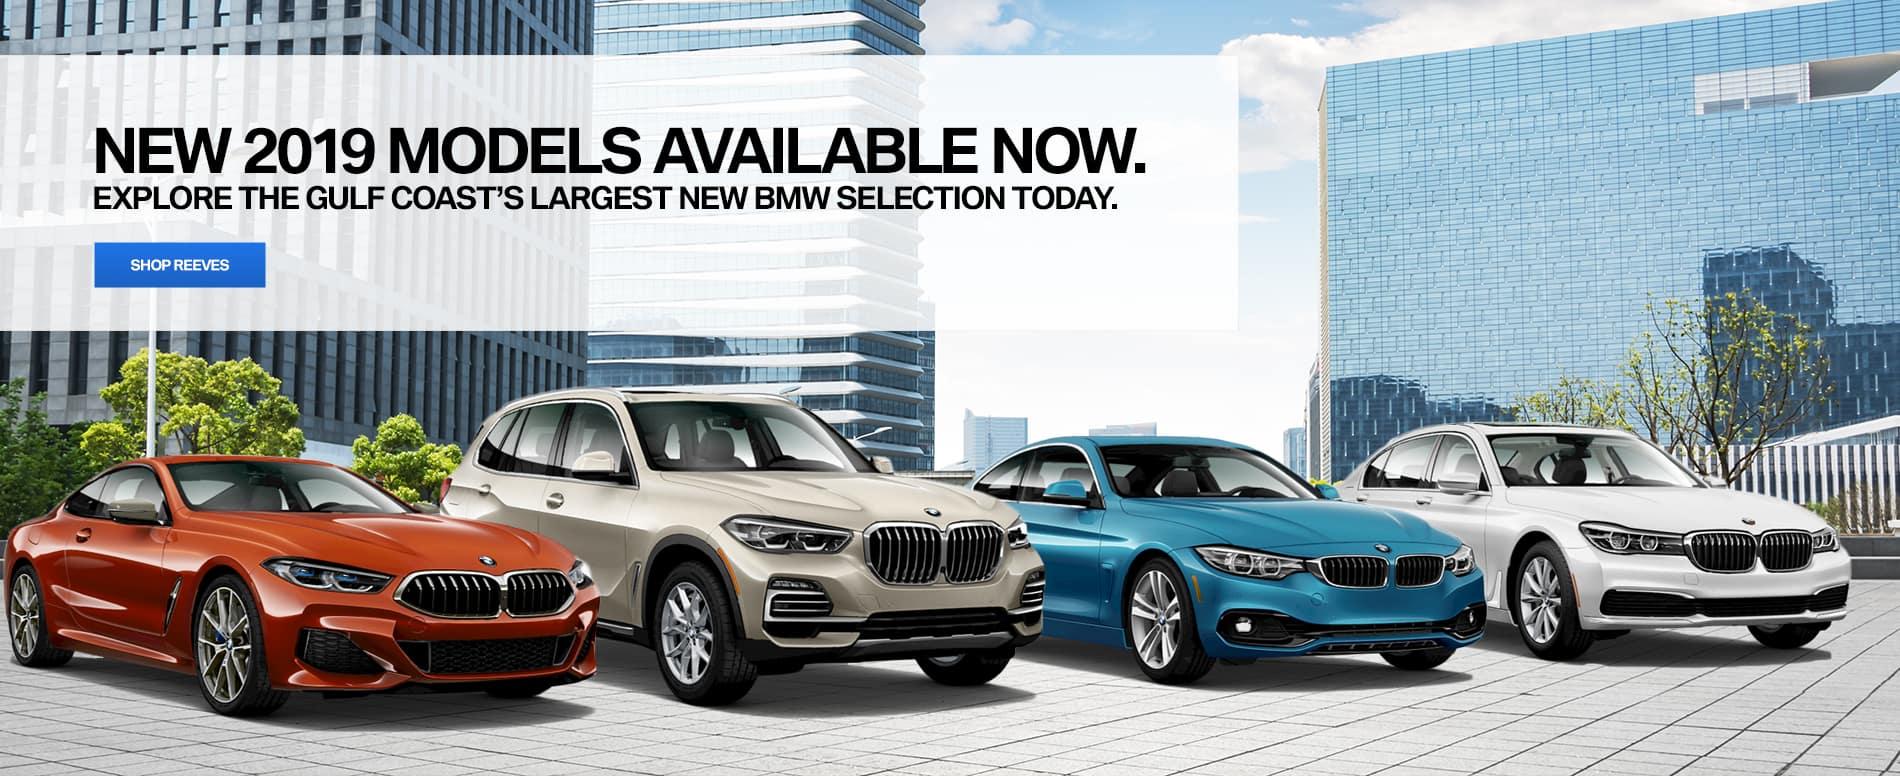 Reeves BMW 2019 Models